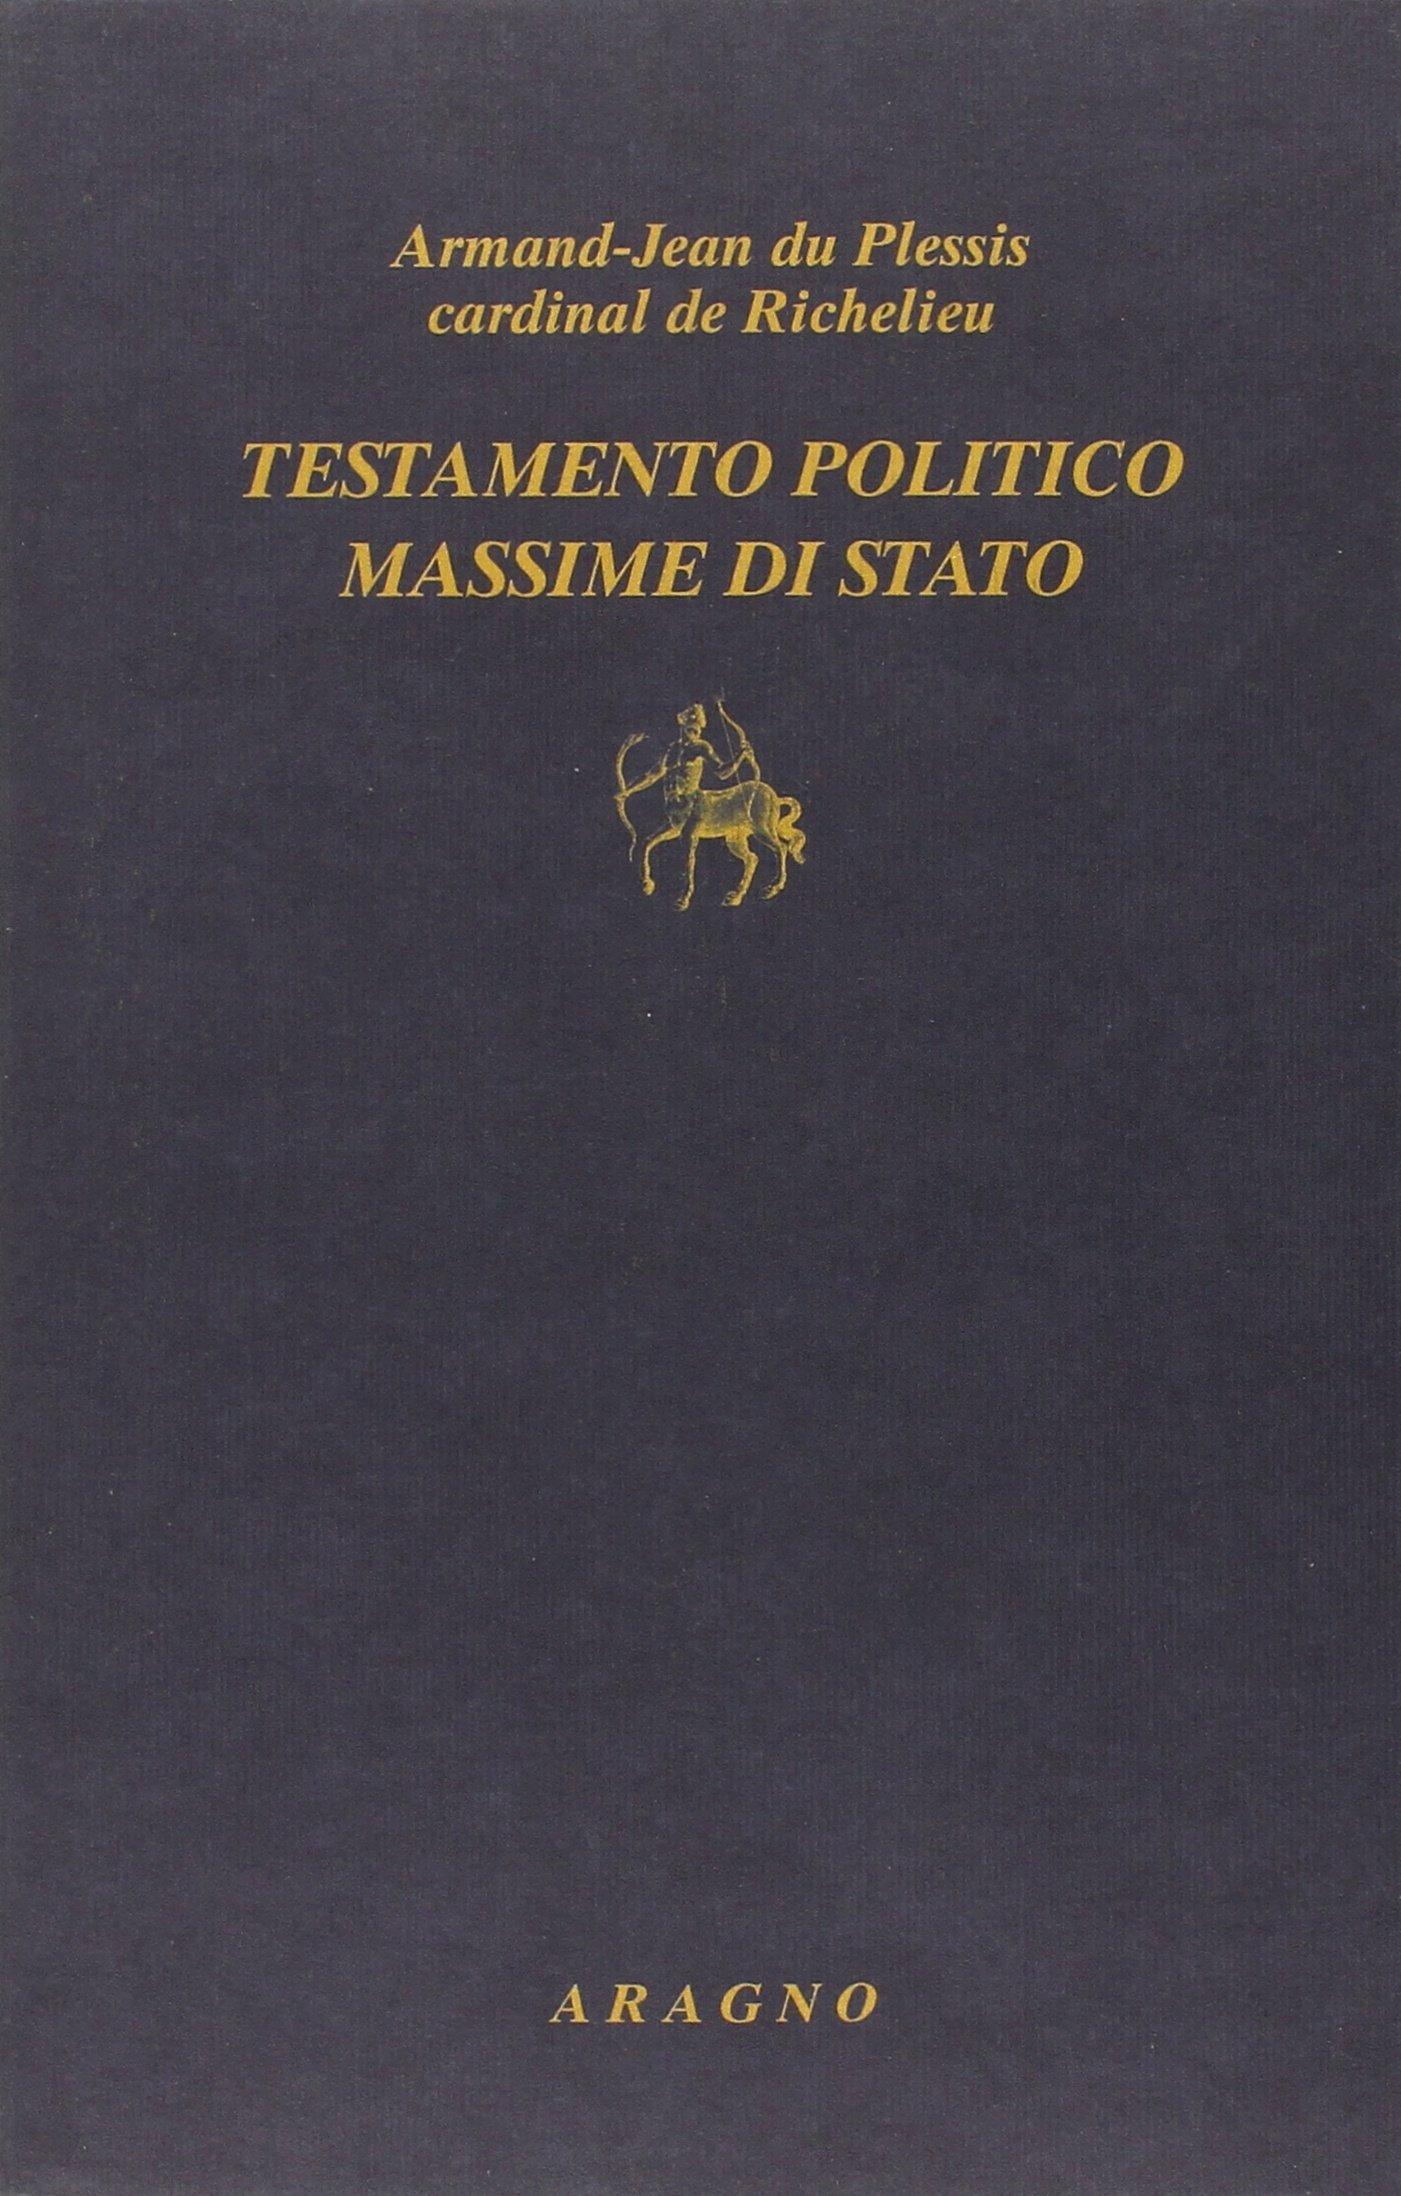 Testamento politico. Massime di stato